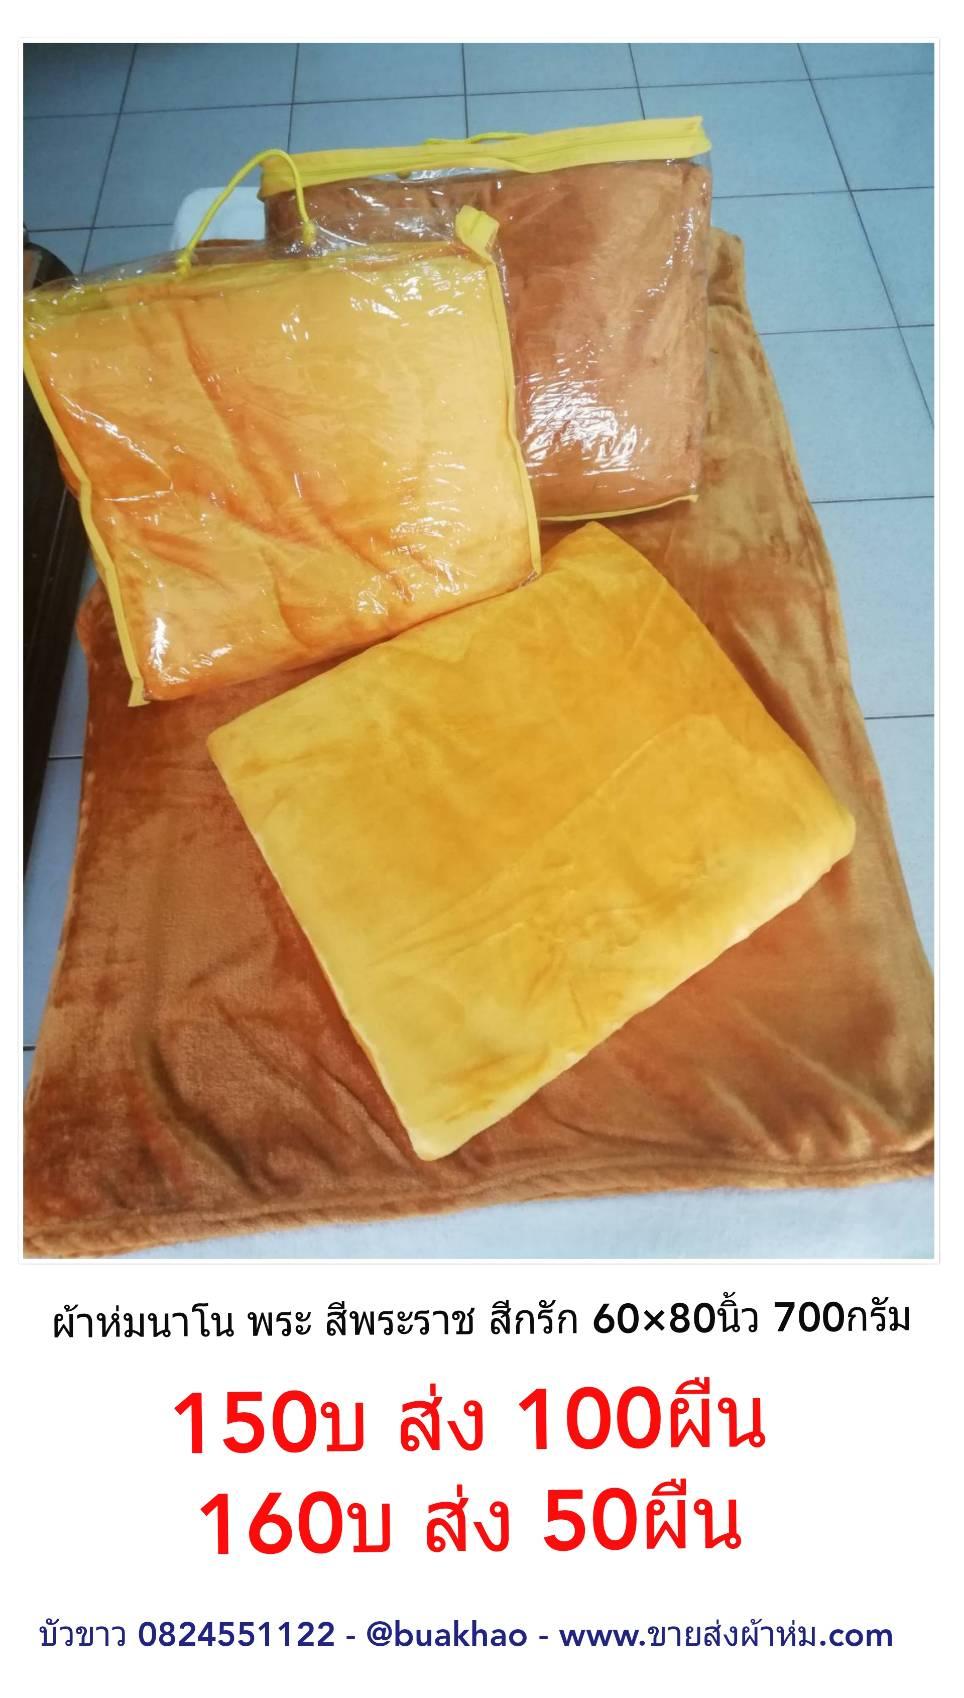 ผ้าห่มนาโน พระ สีเหลือง / สีกรัก 90*80นิ้ว 700กรัม ผืนละ 150บ ส่ง 100ผืน